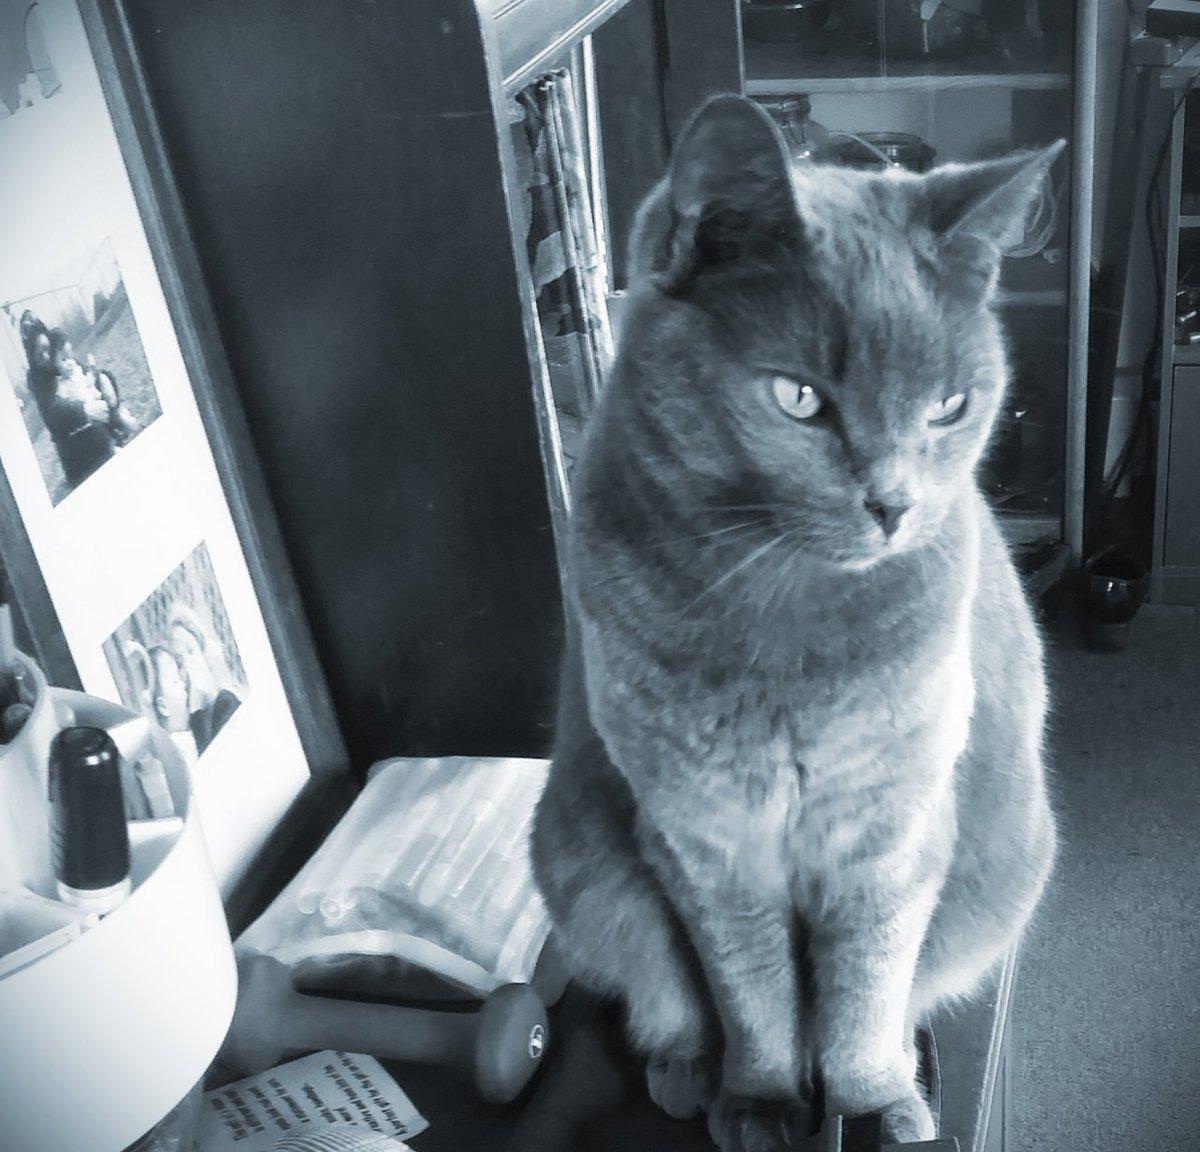 #CatsOfTwitter  #cats  #Caturday  #MissSadie🐱